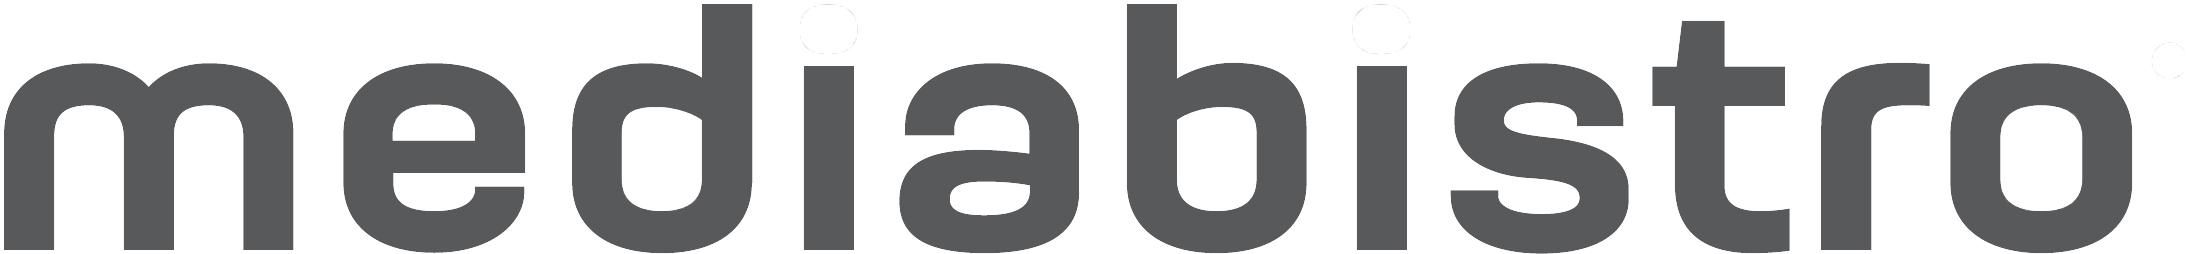 mediabistro_logo_grayscale.jpg